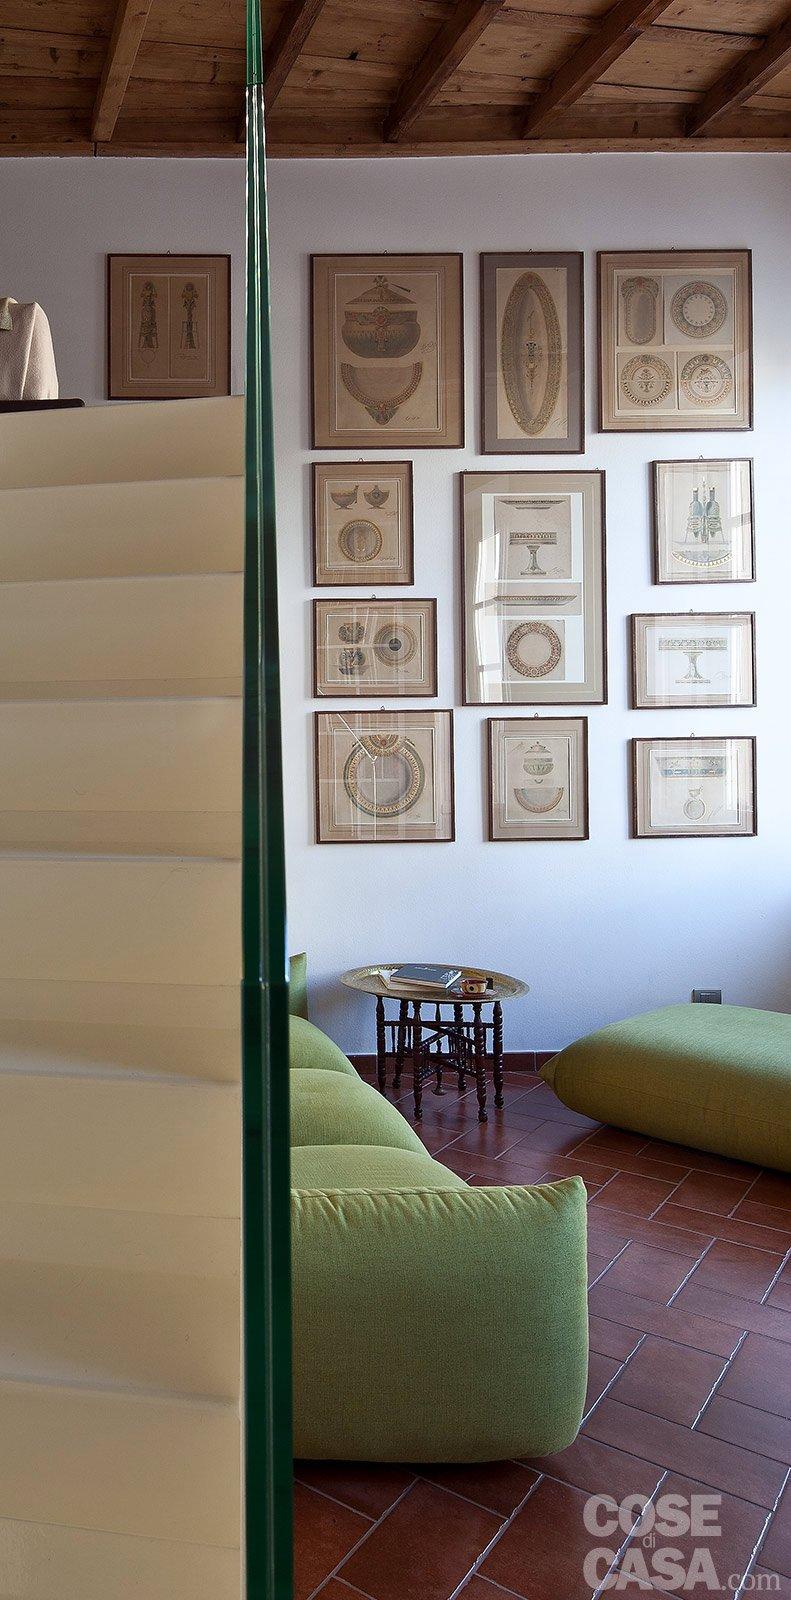 Un monolocale ampliato in altezza cose di casa - Scala soggiorno ...